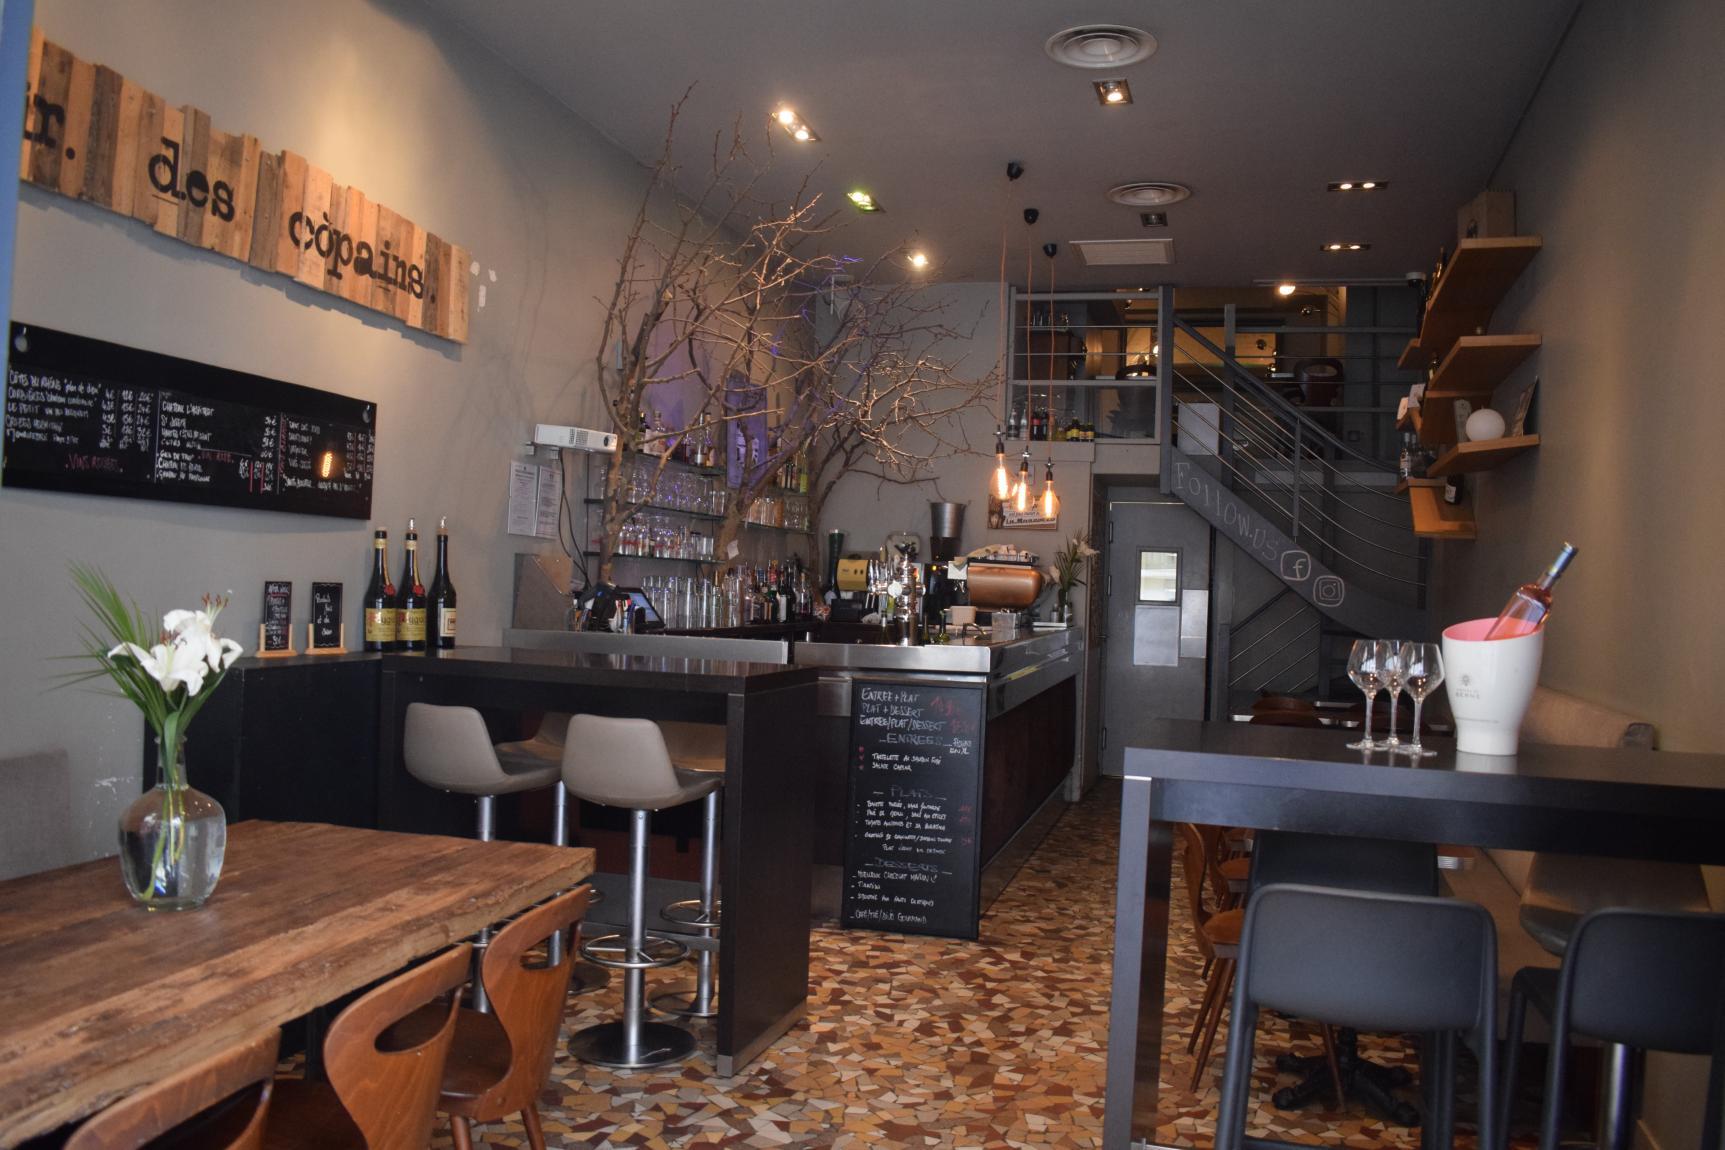 le comptoir des copains bar vin bar cocktails pub lyon byzelift. Black Bedroom Furniture Sets. Home Design Ideas